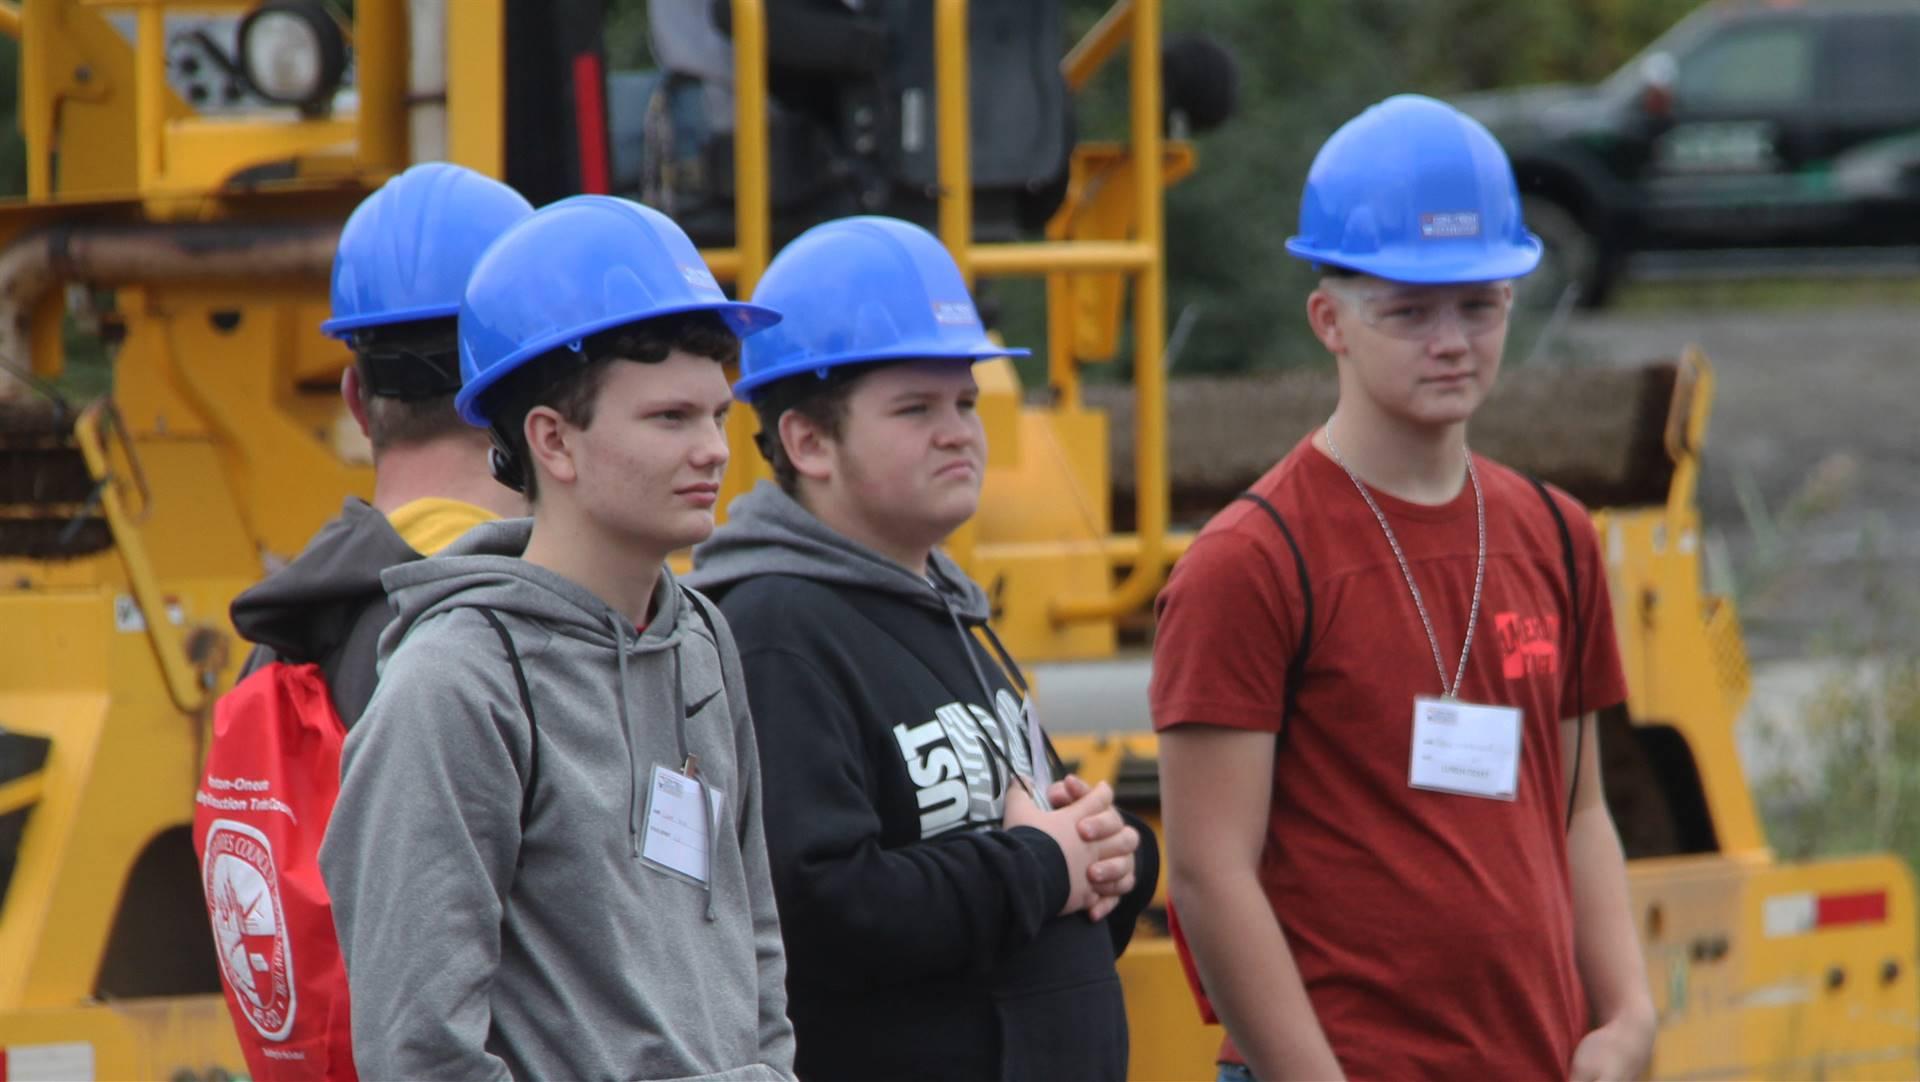 students watching machinery